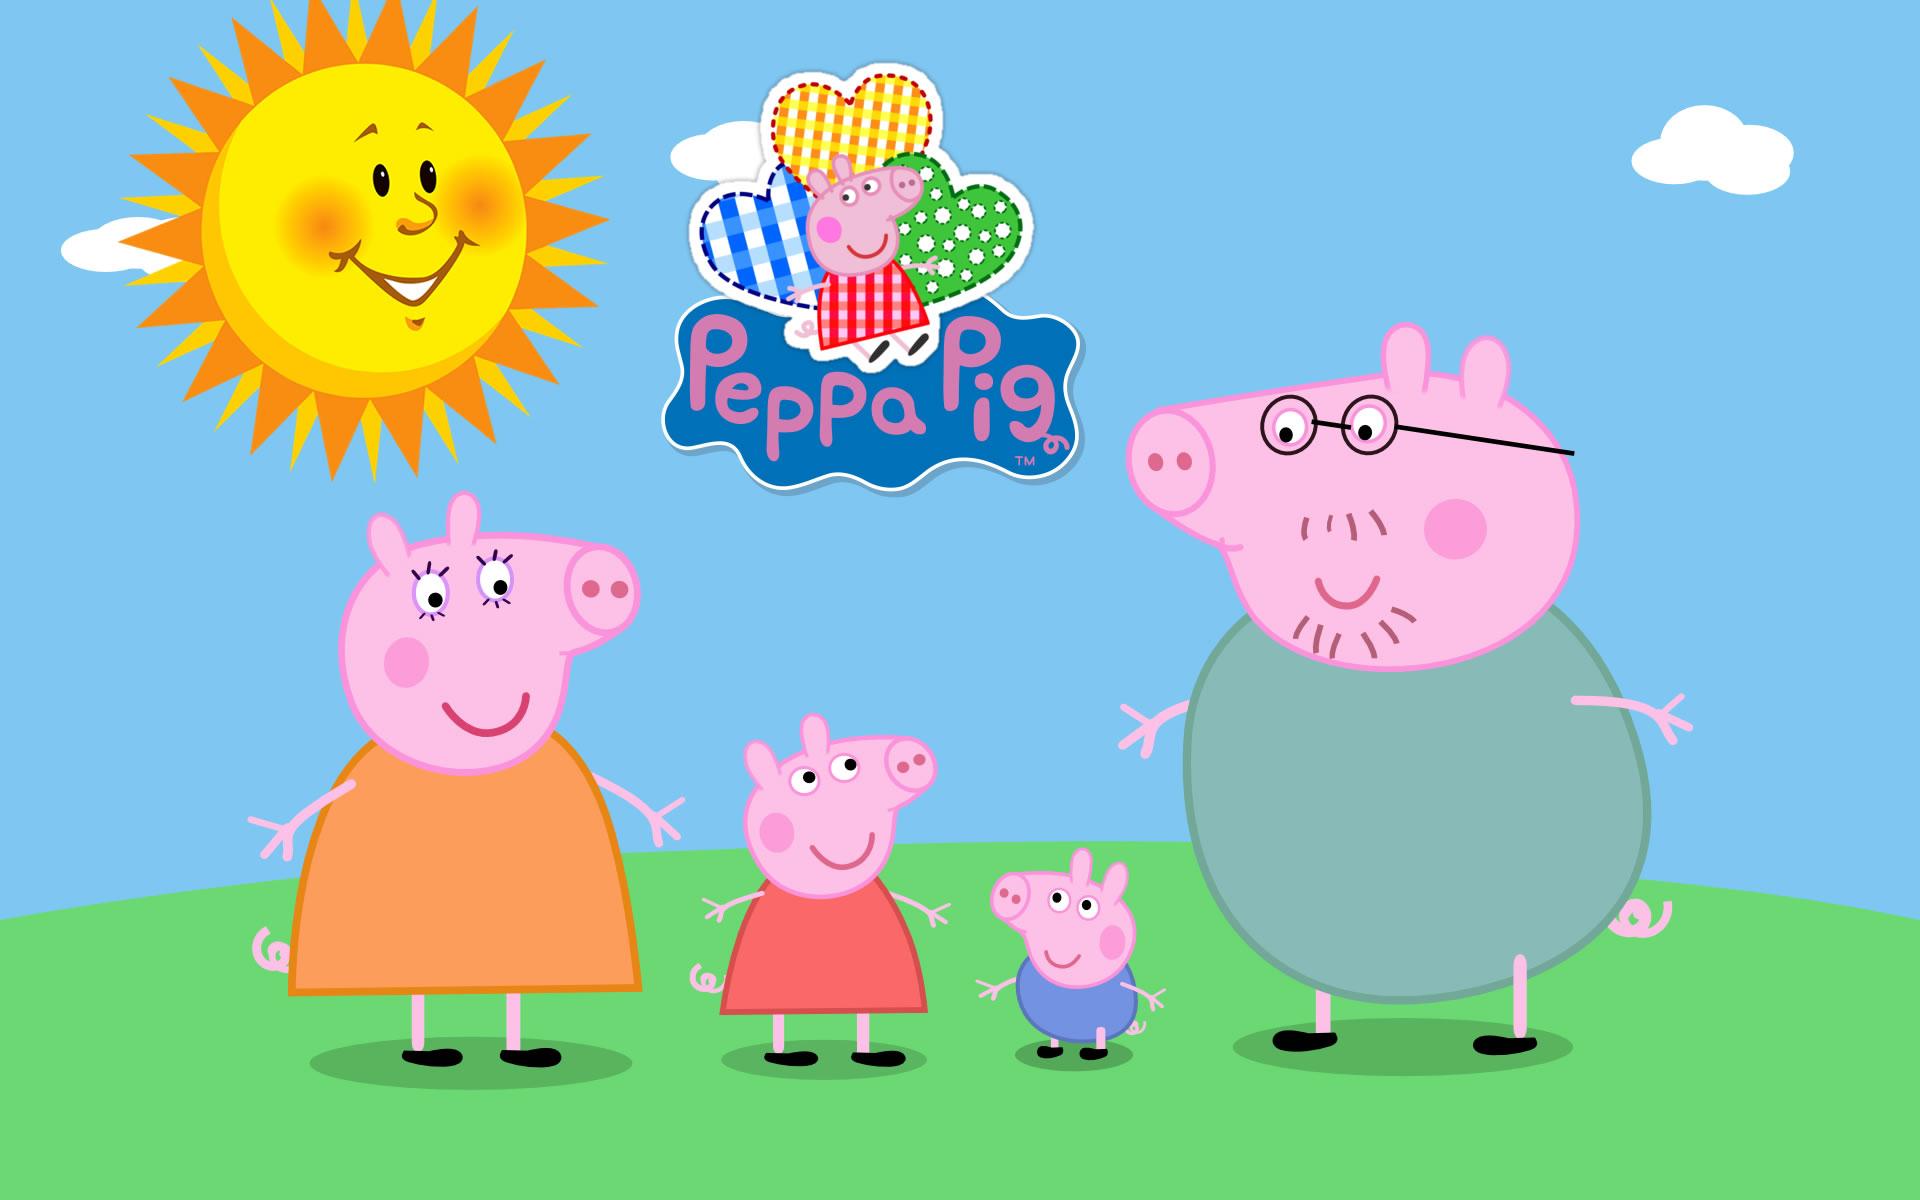 Historia de Peppa Pig y cuáles son sus personajes